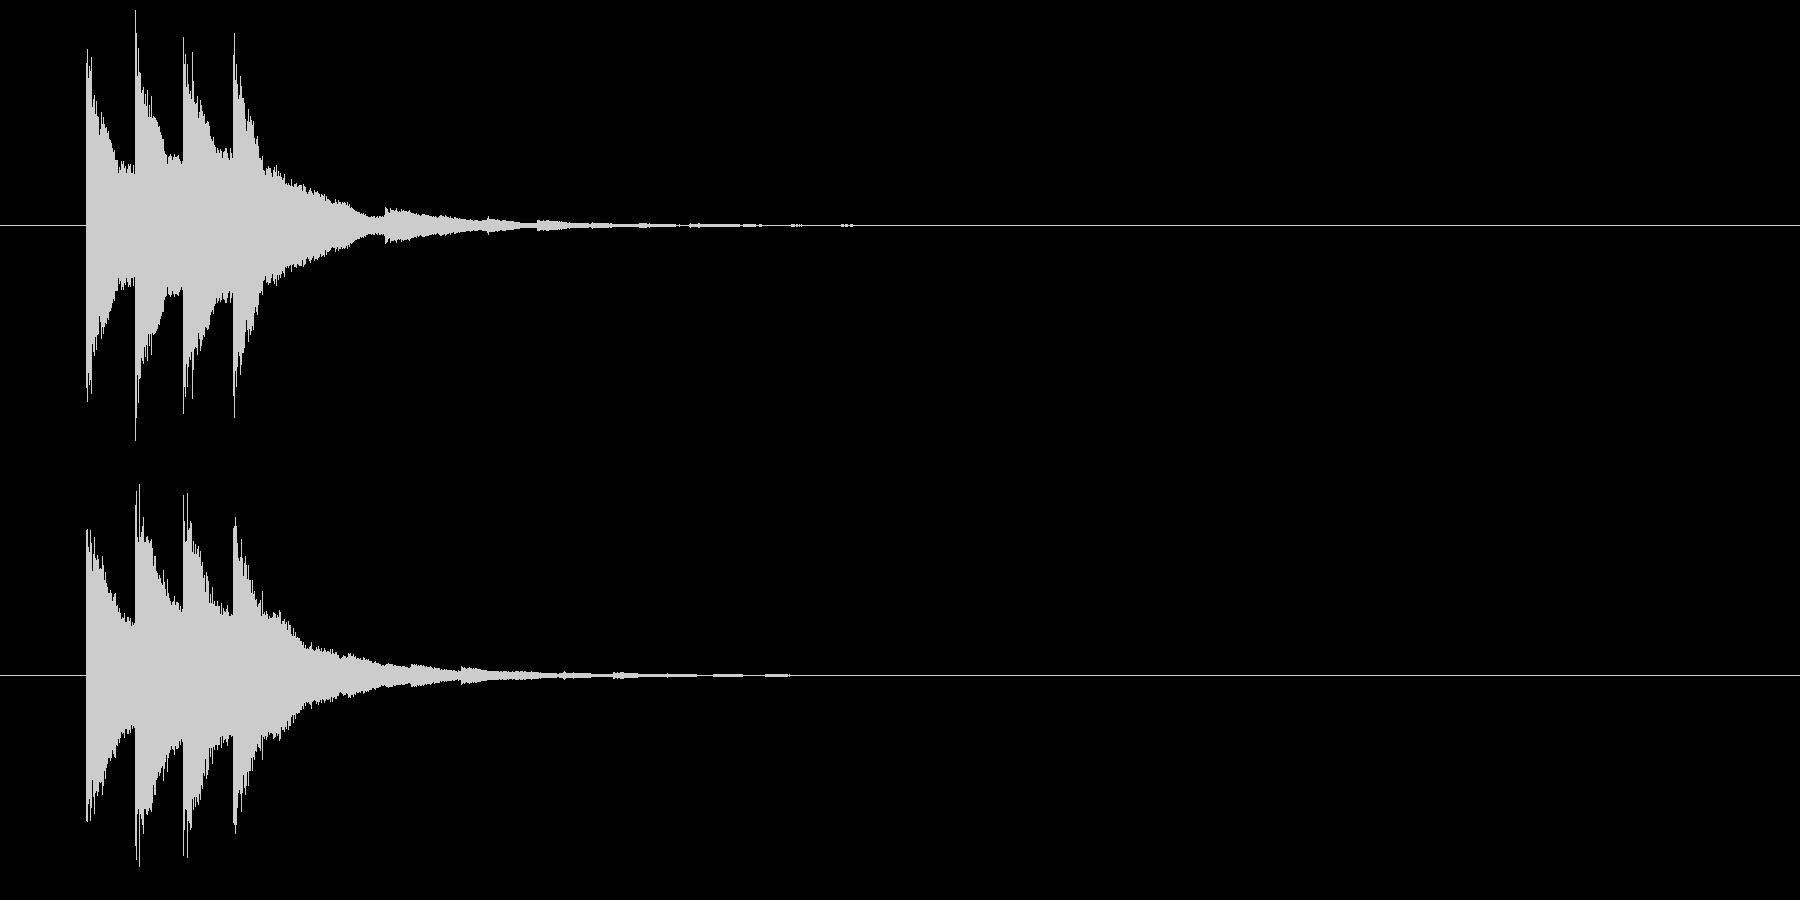 カンカン(鐘、ベル、発射合図)の未再生の波形